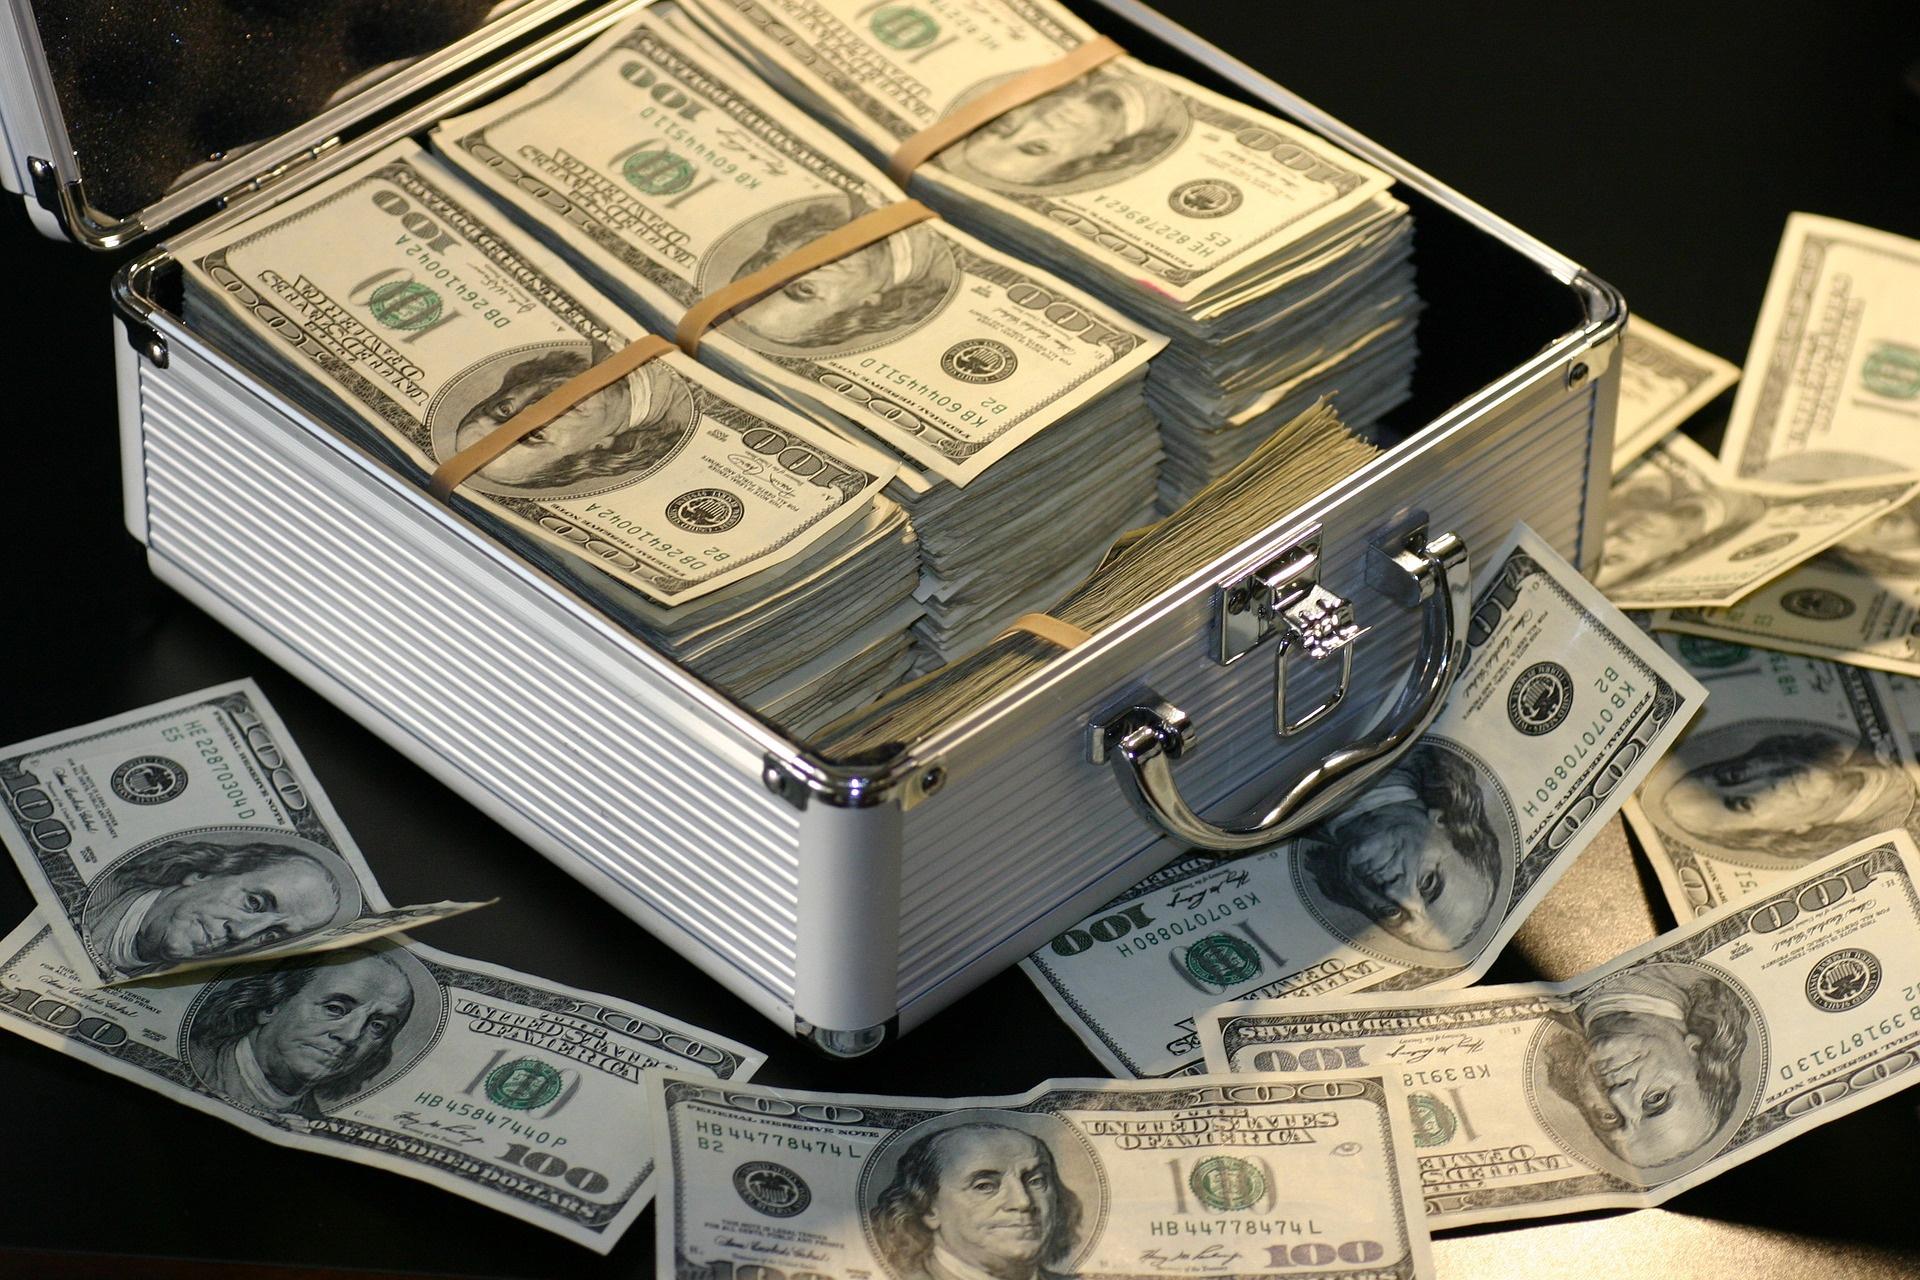 Térdig gázolunk a készpénzben – Kiszámoló – egy blog a pénzügyekről